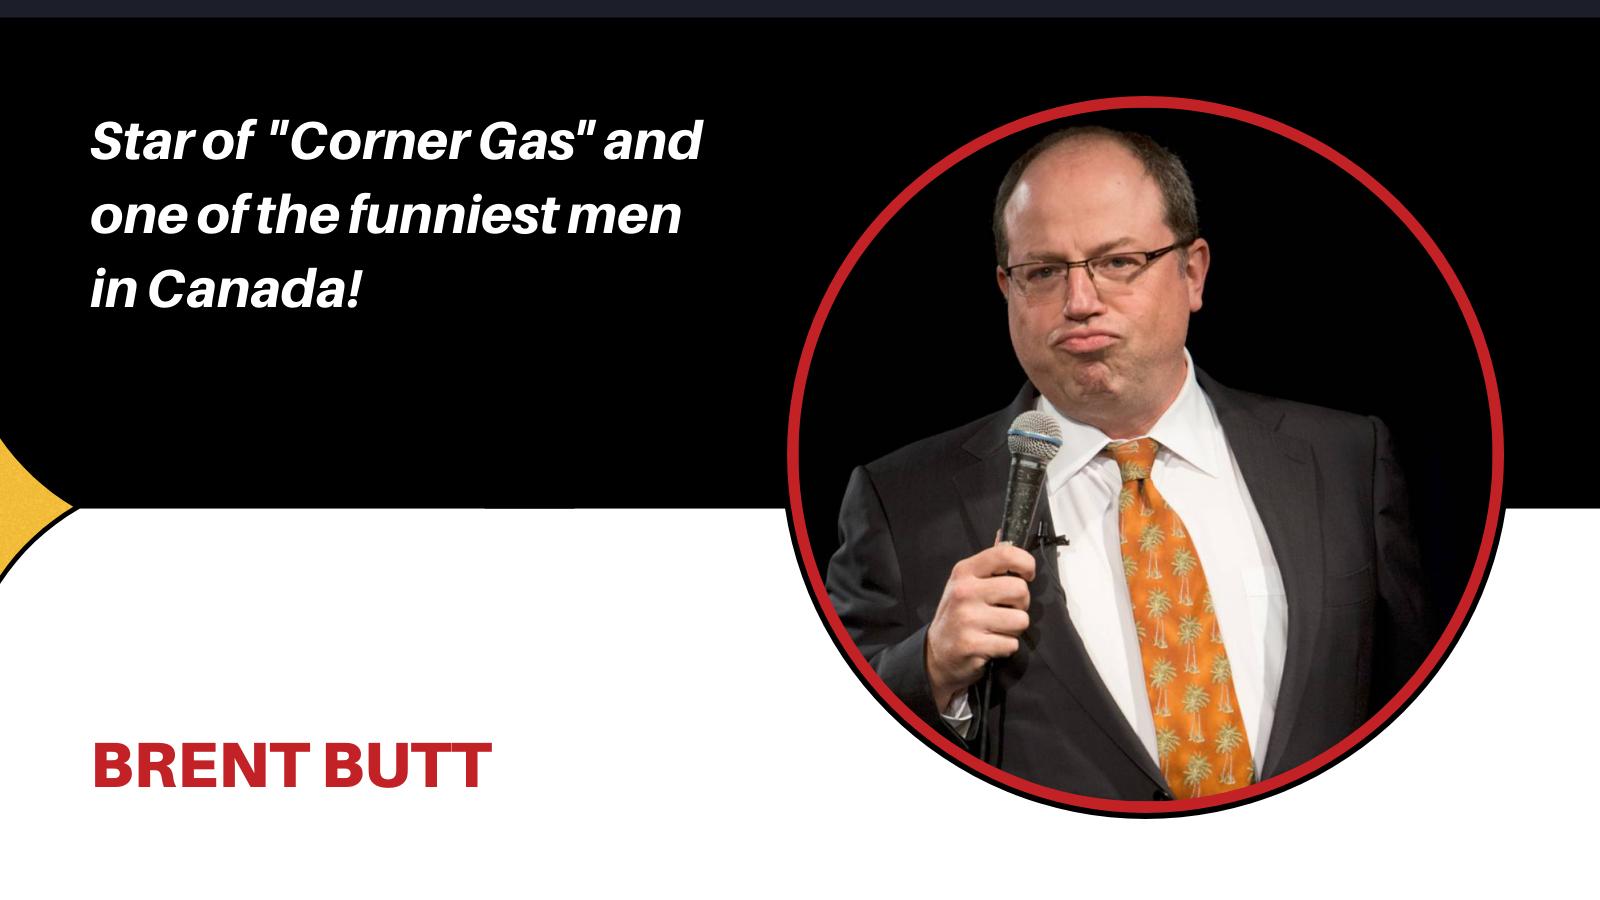 comedian Brent Butt